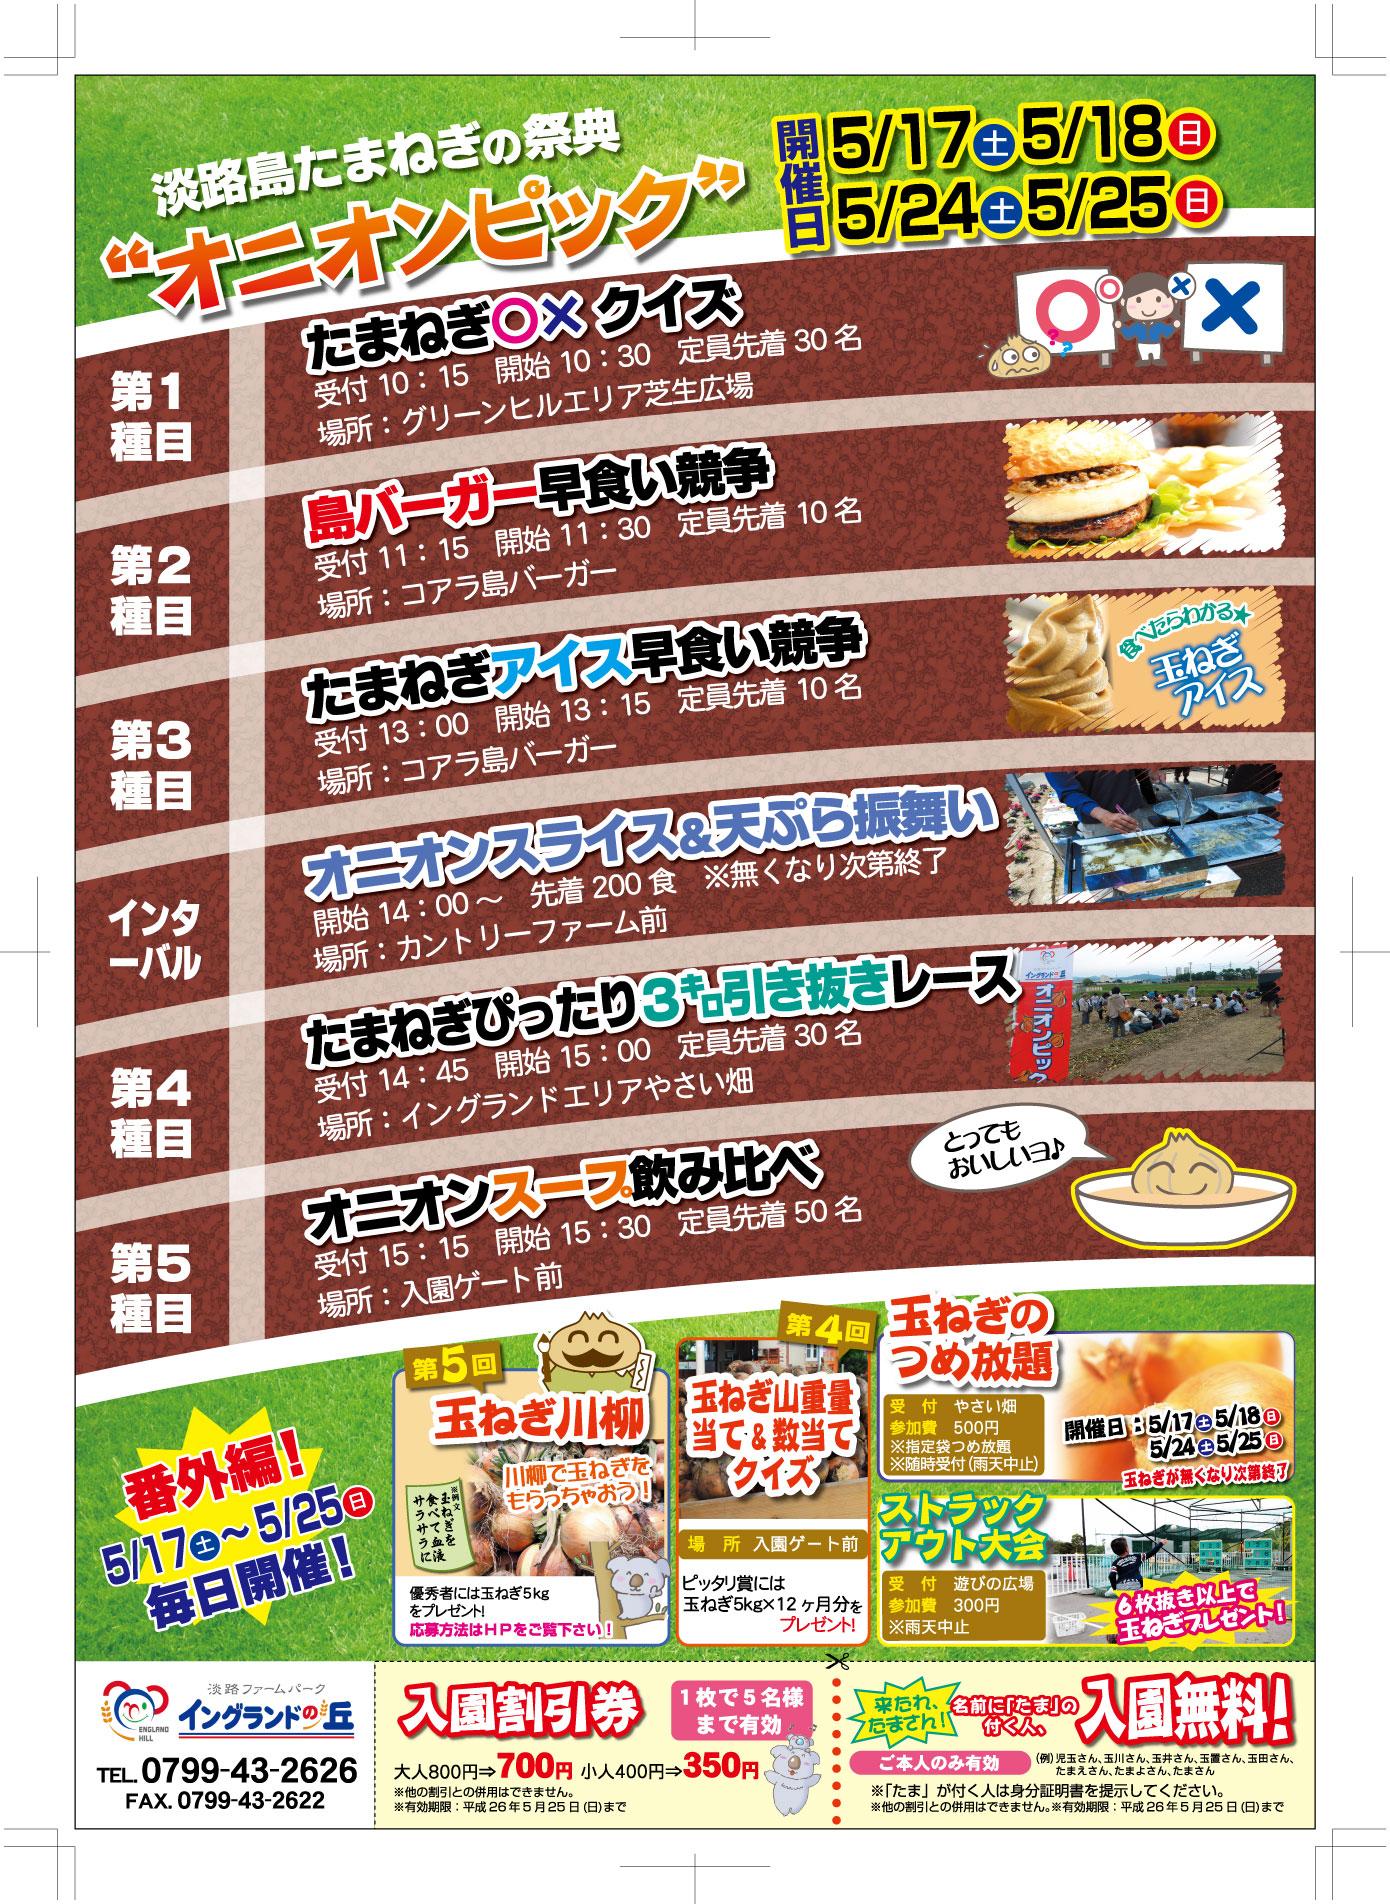 2014.5.8_オニオンピック_裏面_2